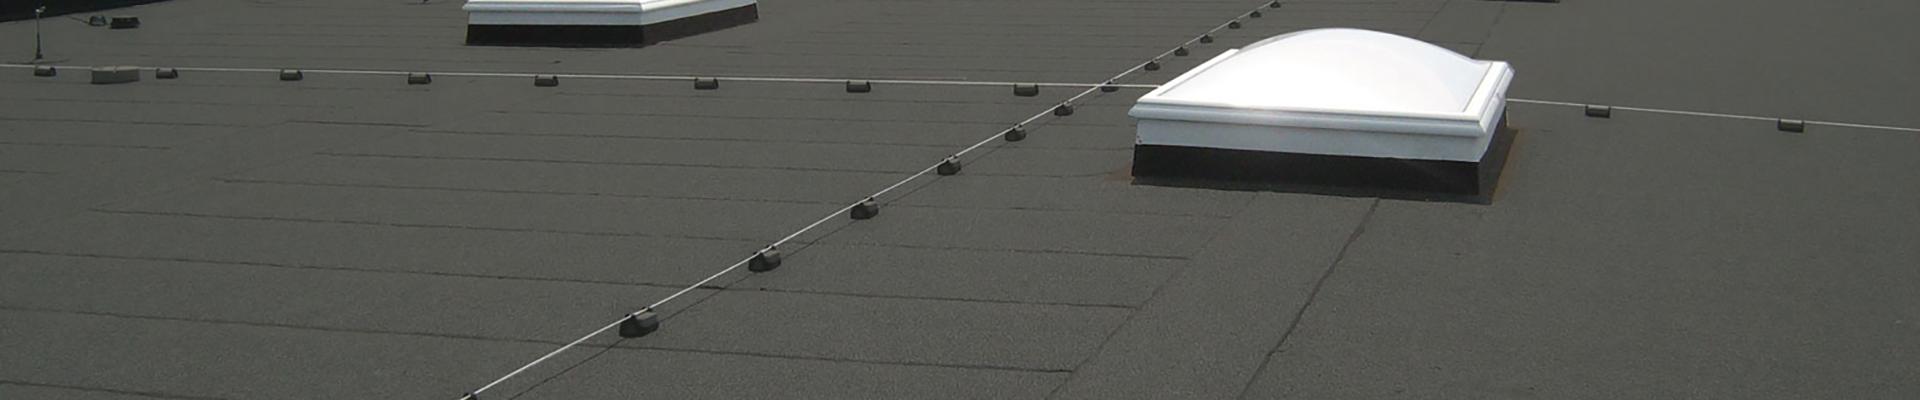 Heinlein GmbH | Dach-, Wand- und Abdichtungstechnik |